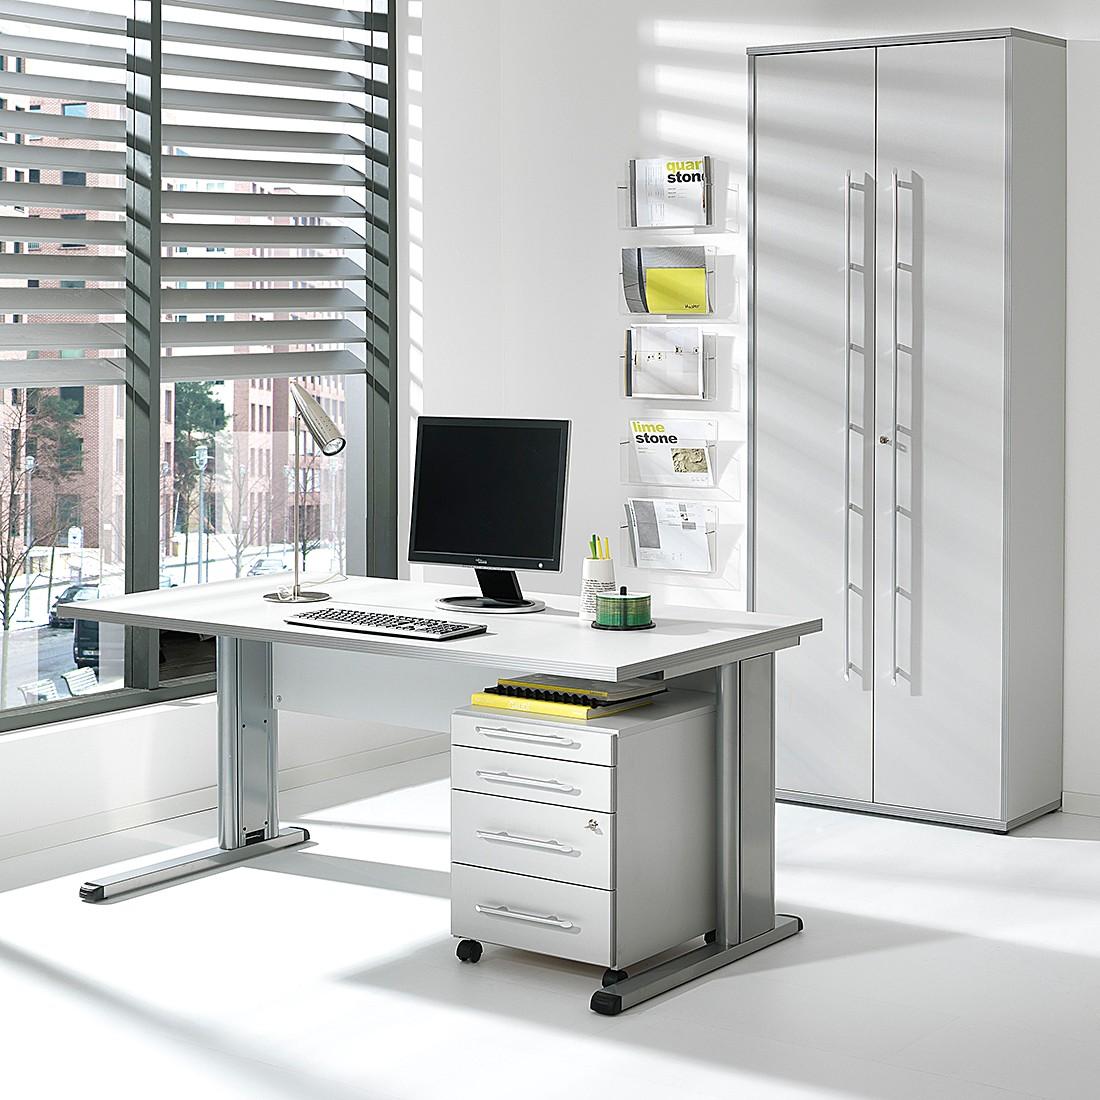 Büro-Set Kirk VI (3-teilig) – Hellgrau, Wellemöbel günstig online kaufen